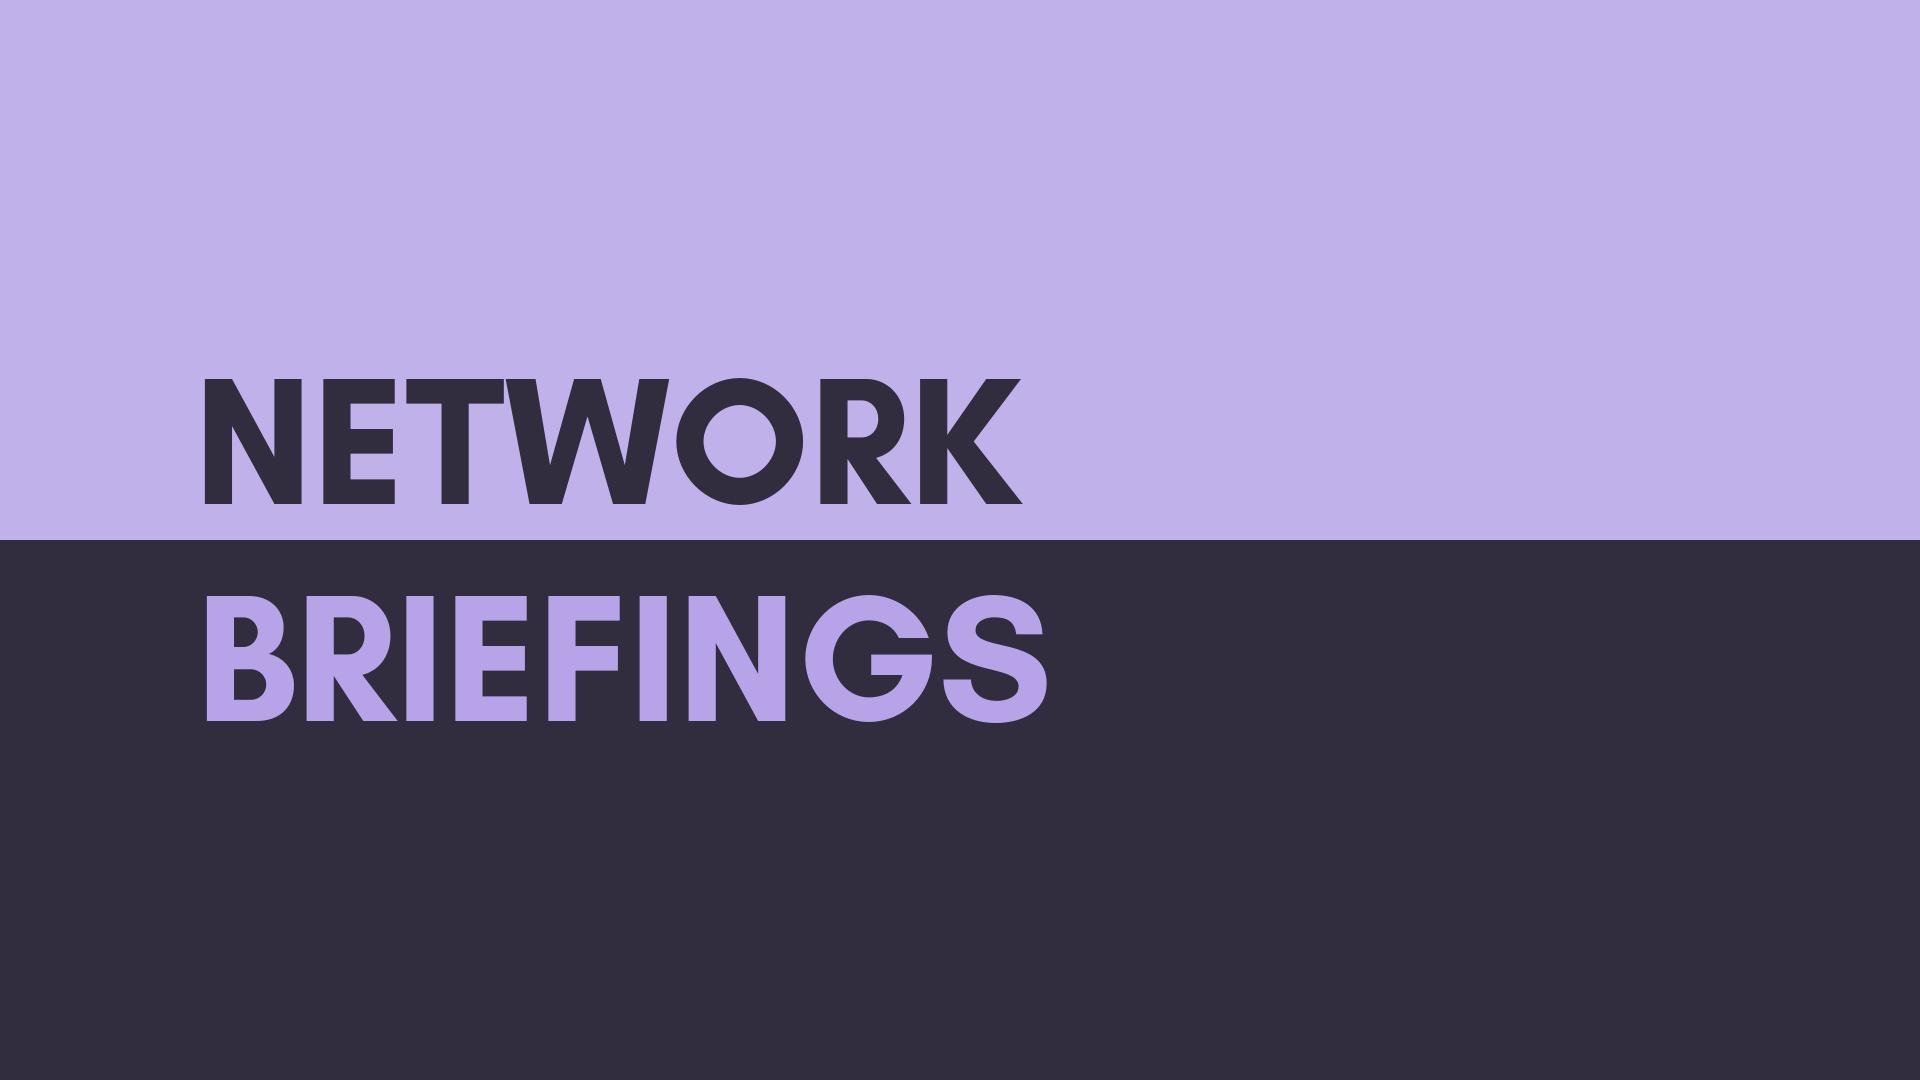 Network Briefings